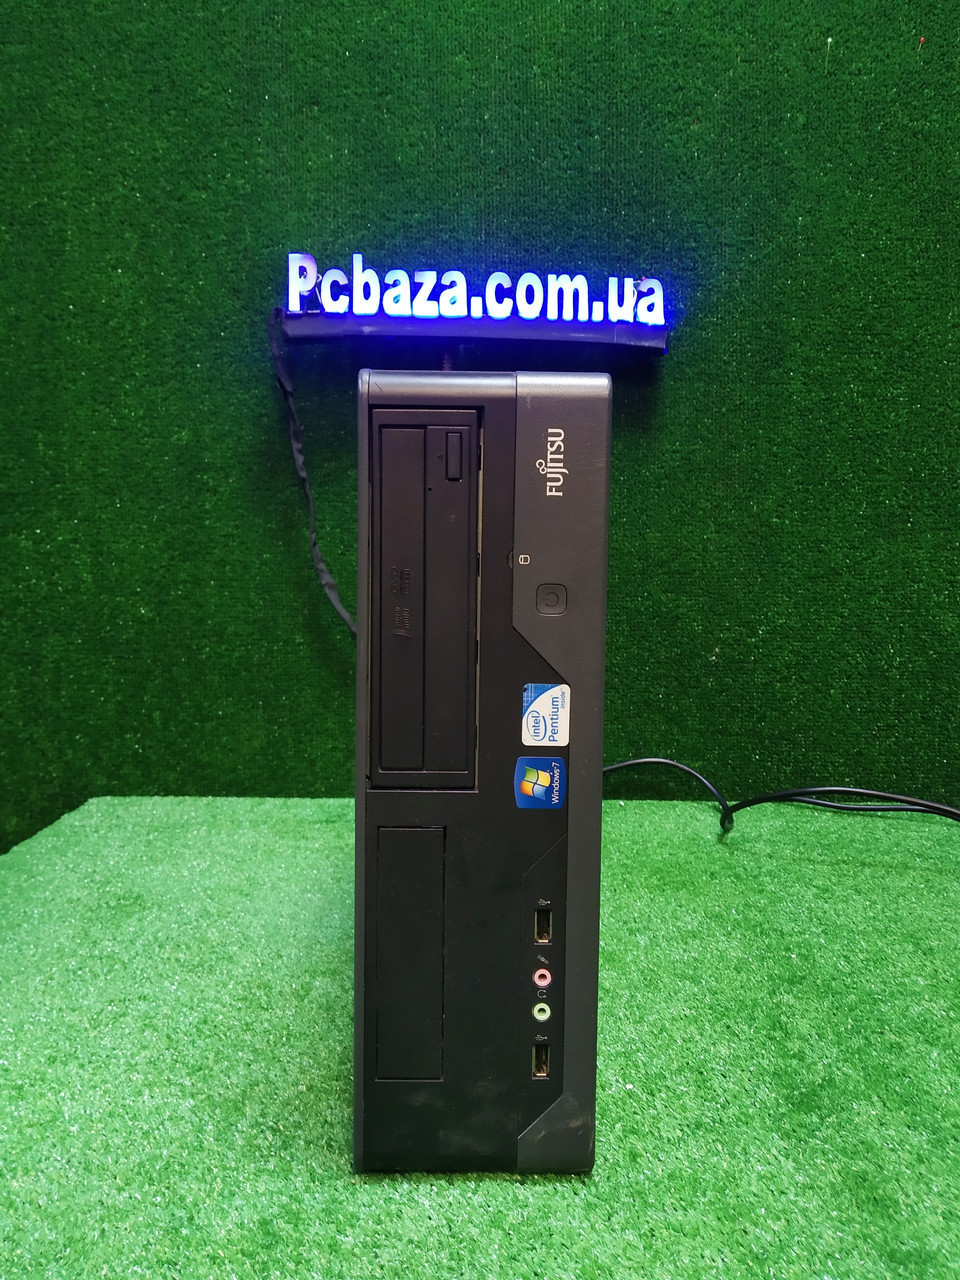 Компактный ПК Fujitsu, Intel 2 мощных ядра E7500 2.93Ггц, 4 ГБ, 500 ГБ Настроен! Есть Опт! Гарантия!